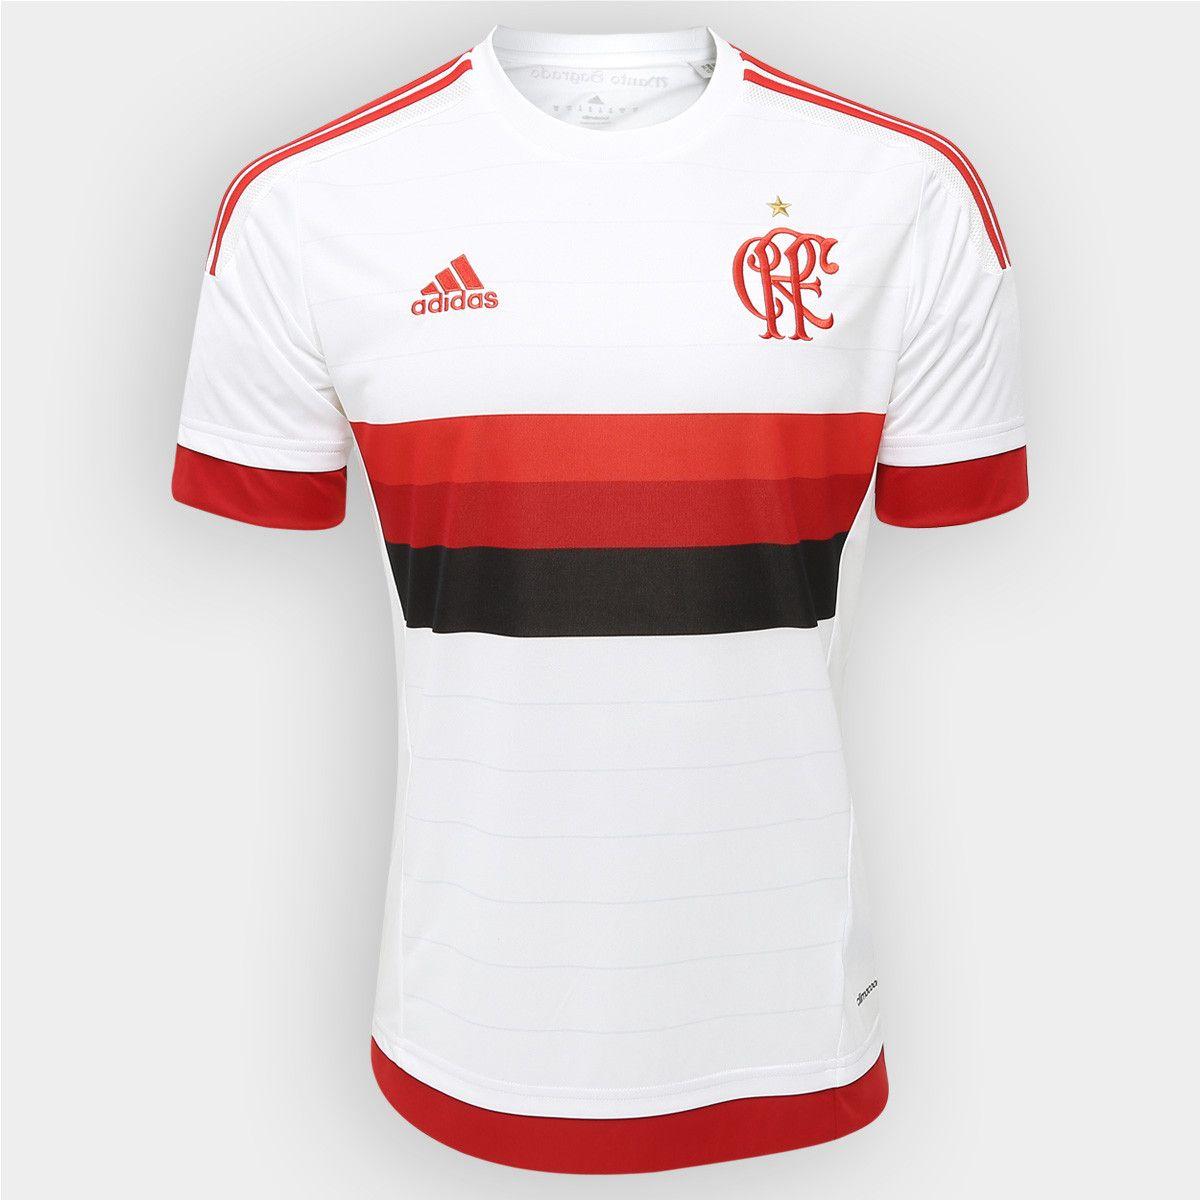 532ba6d4af2 Camisa Adidas Flamengo II 15 16 s nº Branco e Vermelho